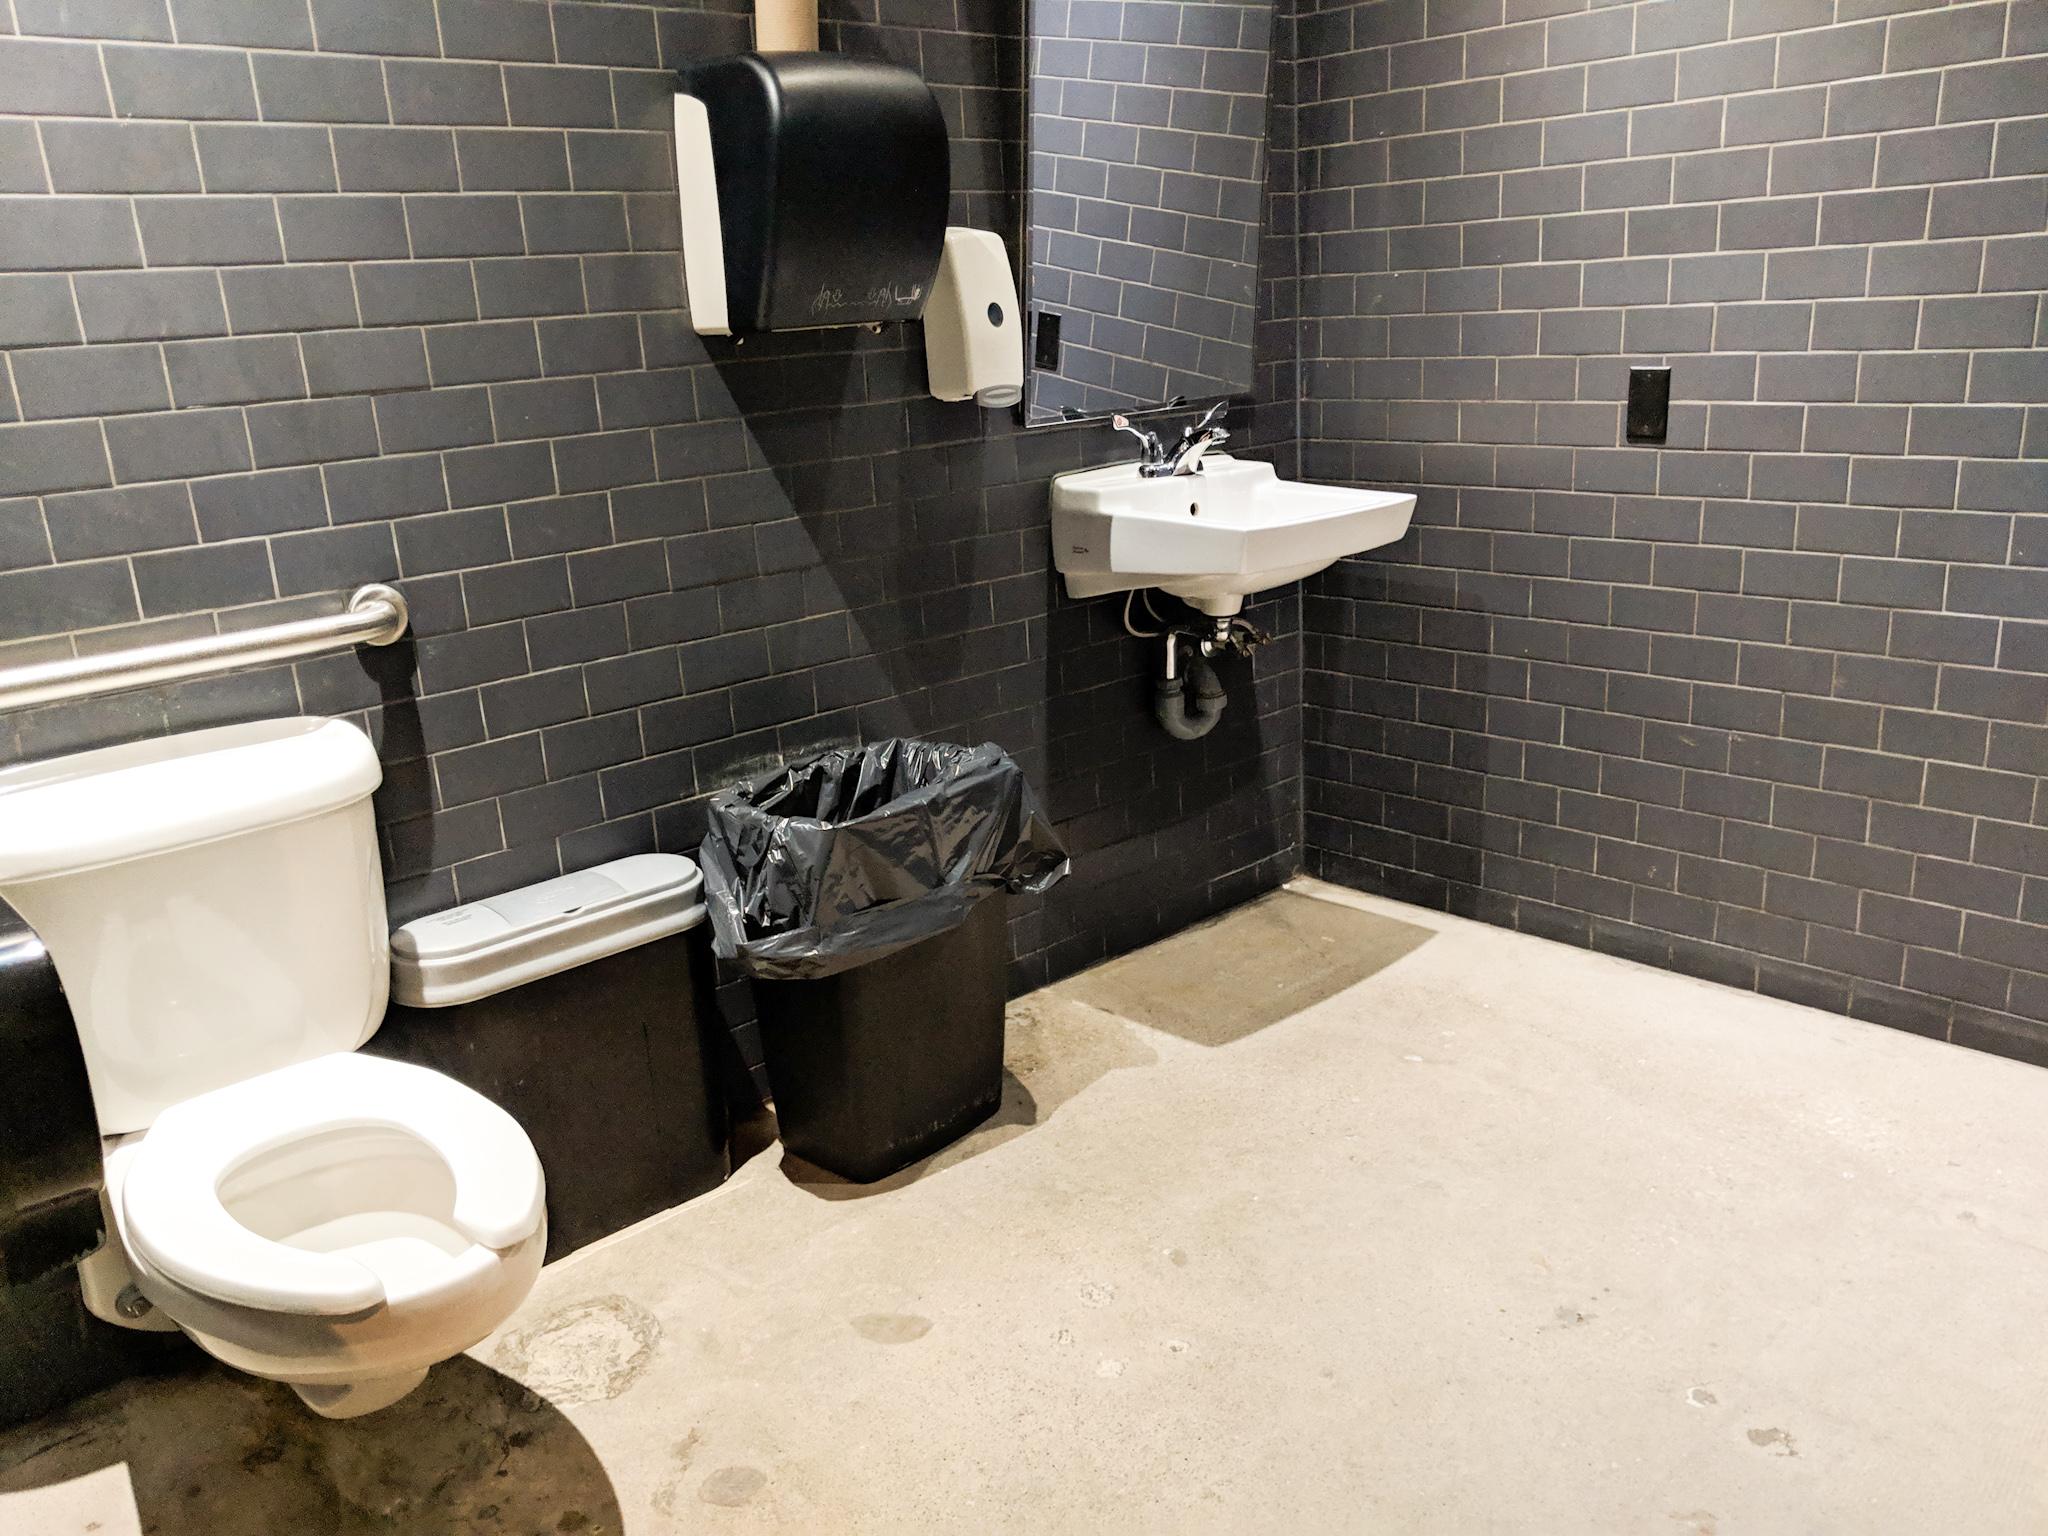 Picture of spacious private washroom at La Carnita